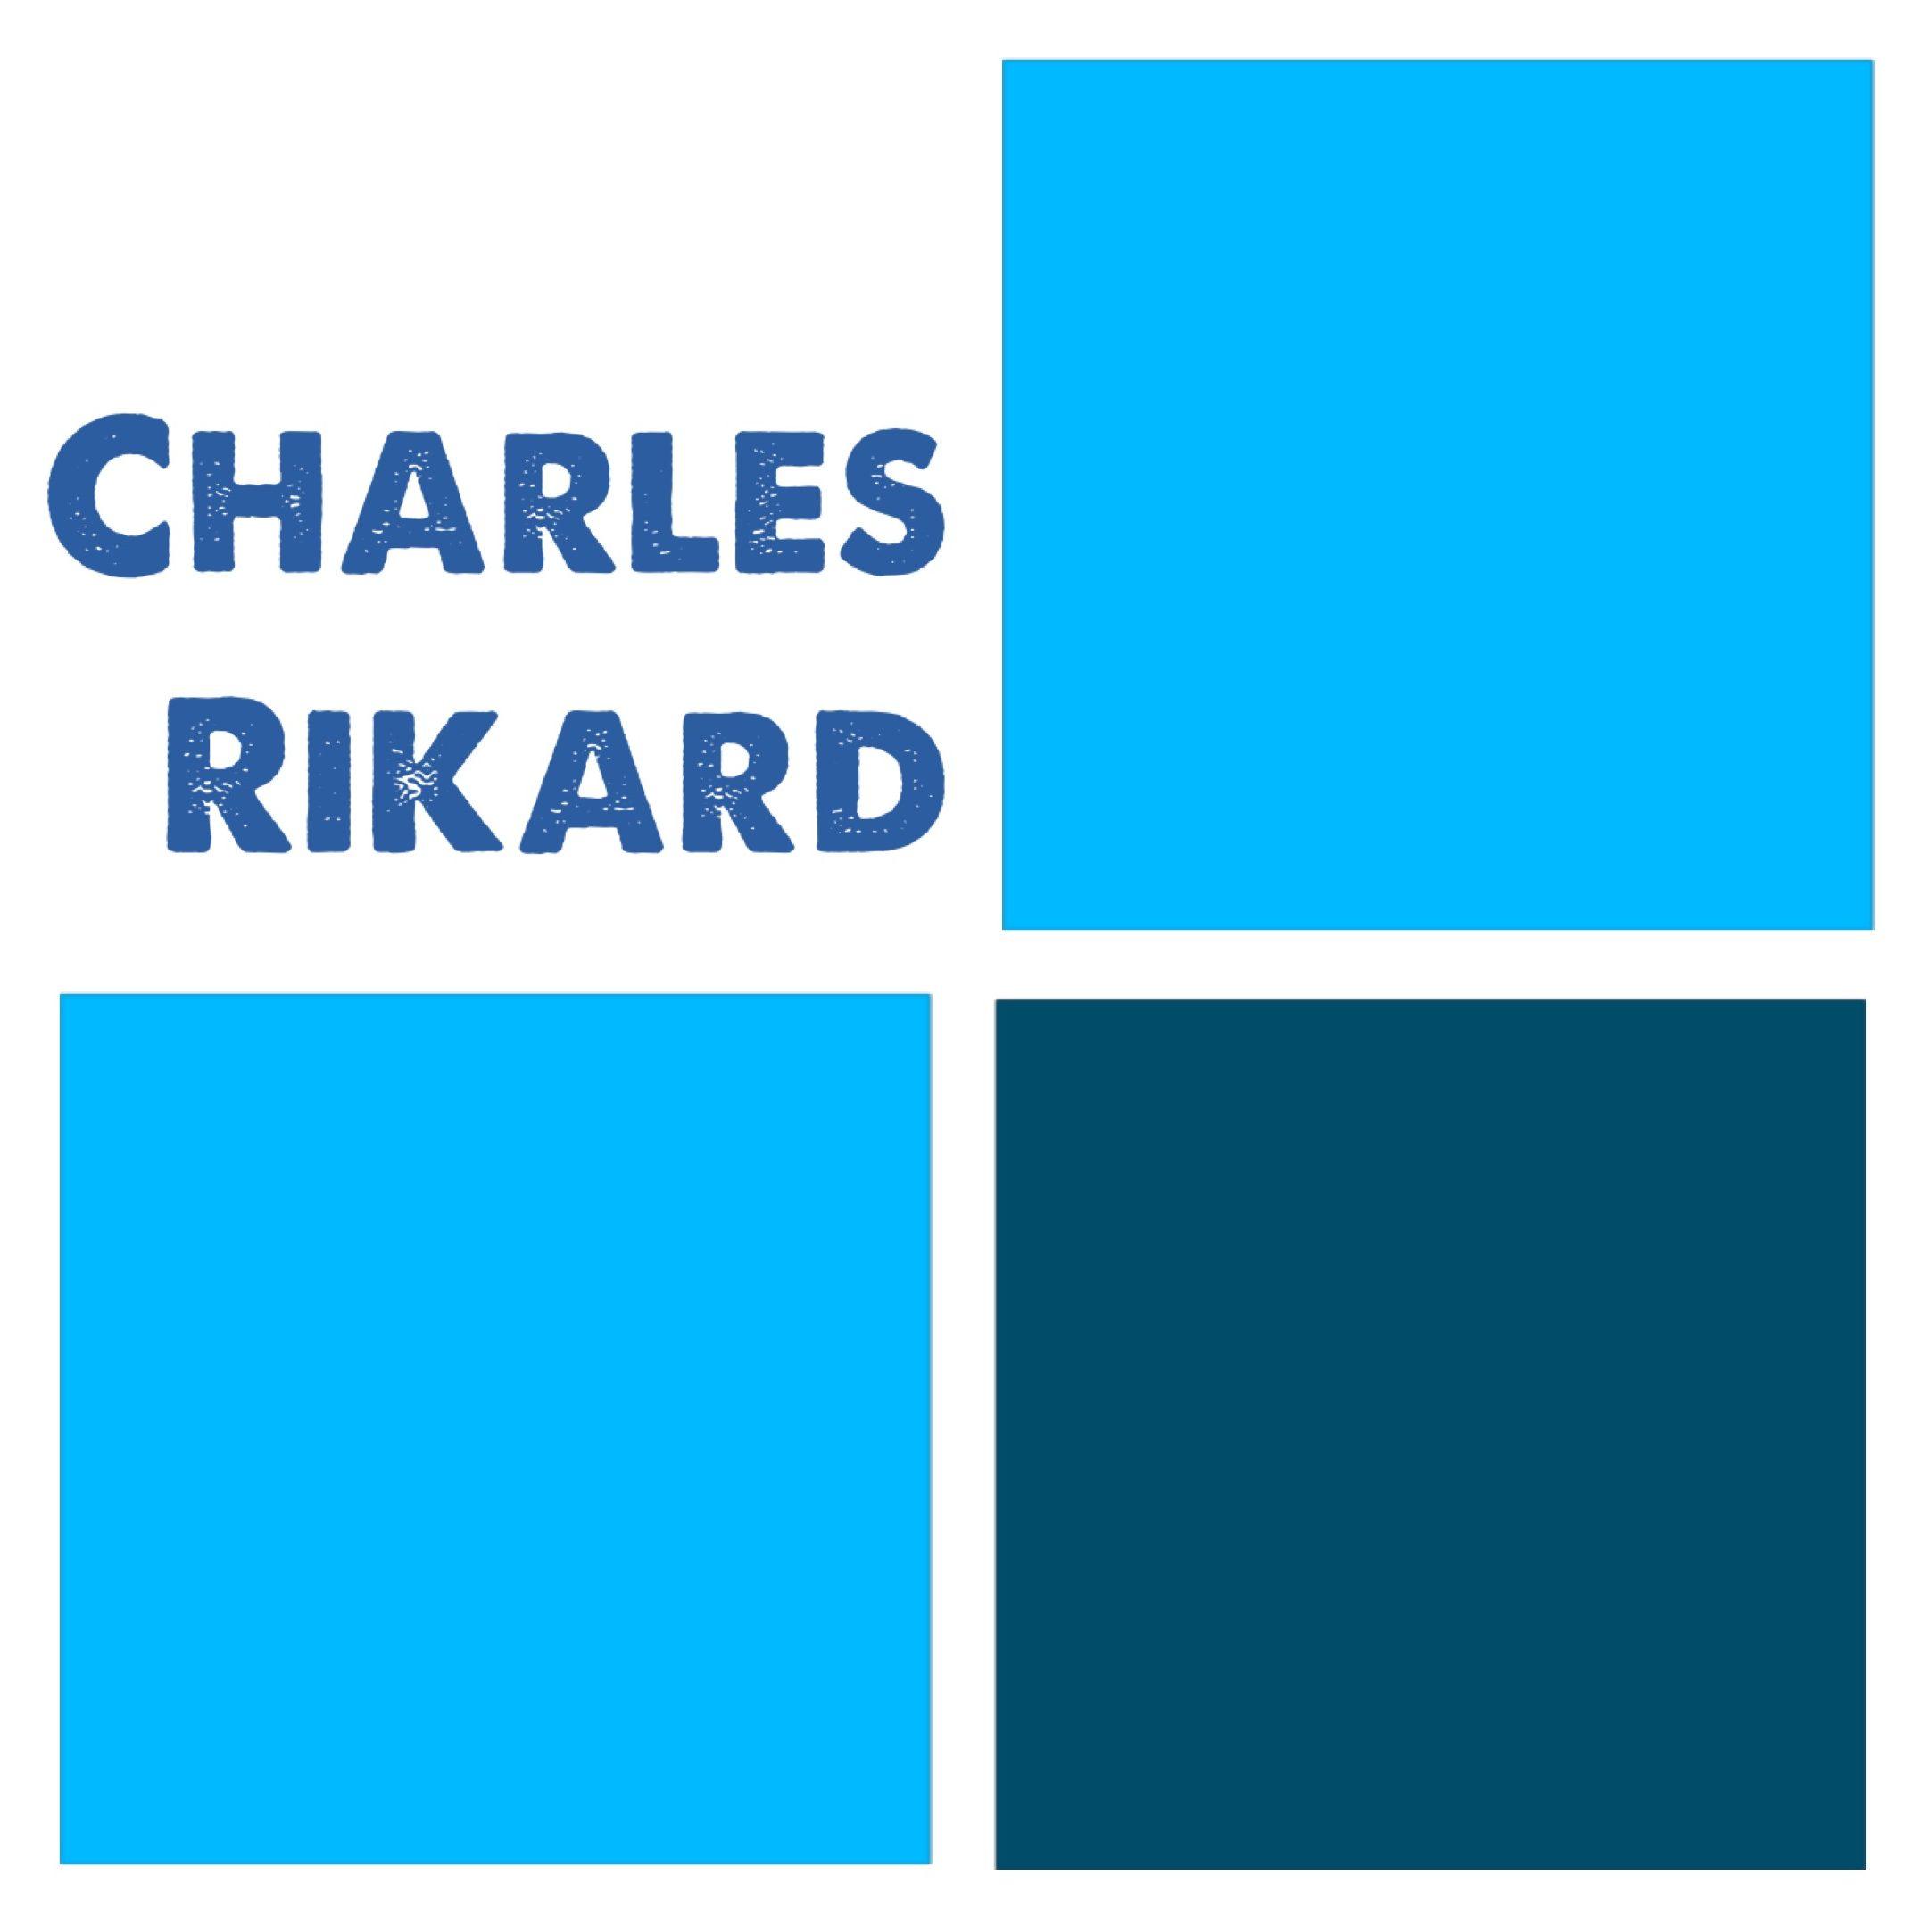 Charles Rikard